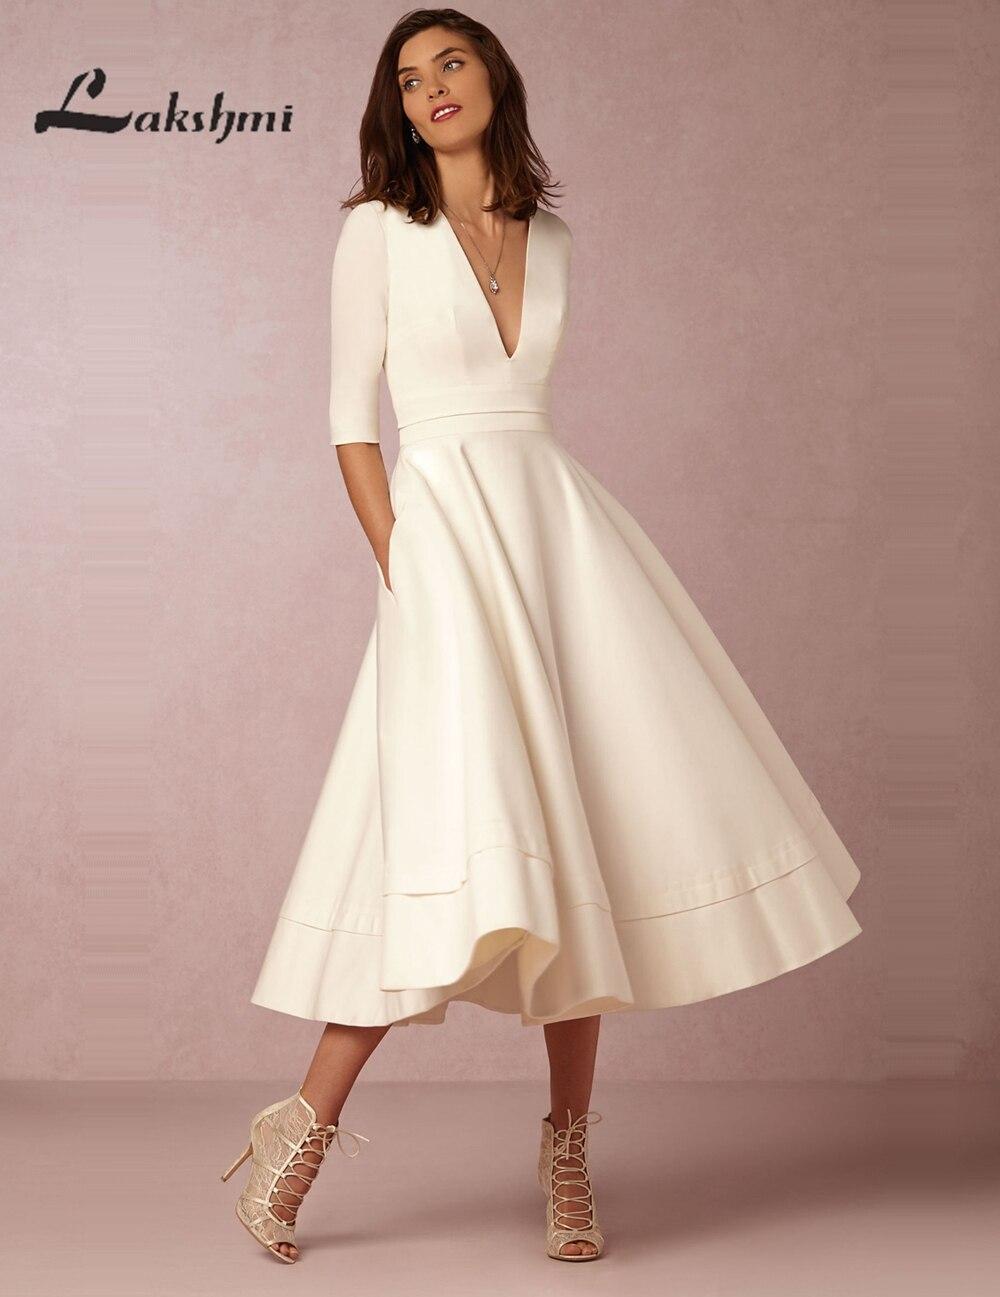 Atemberaubend Vintage Tee Party Kleid Bilder - Brautkleider Ideen ...